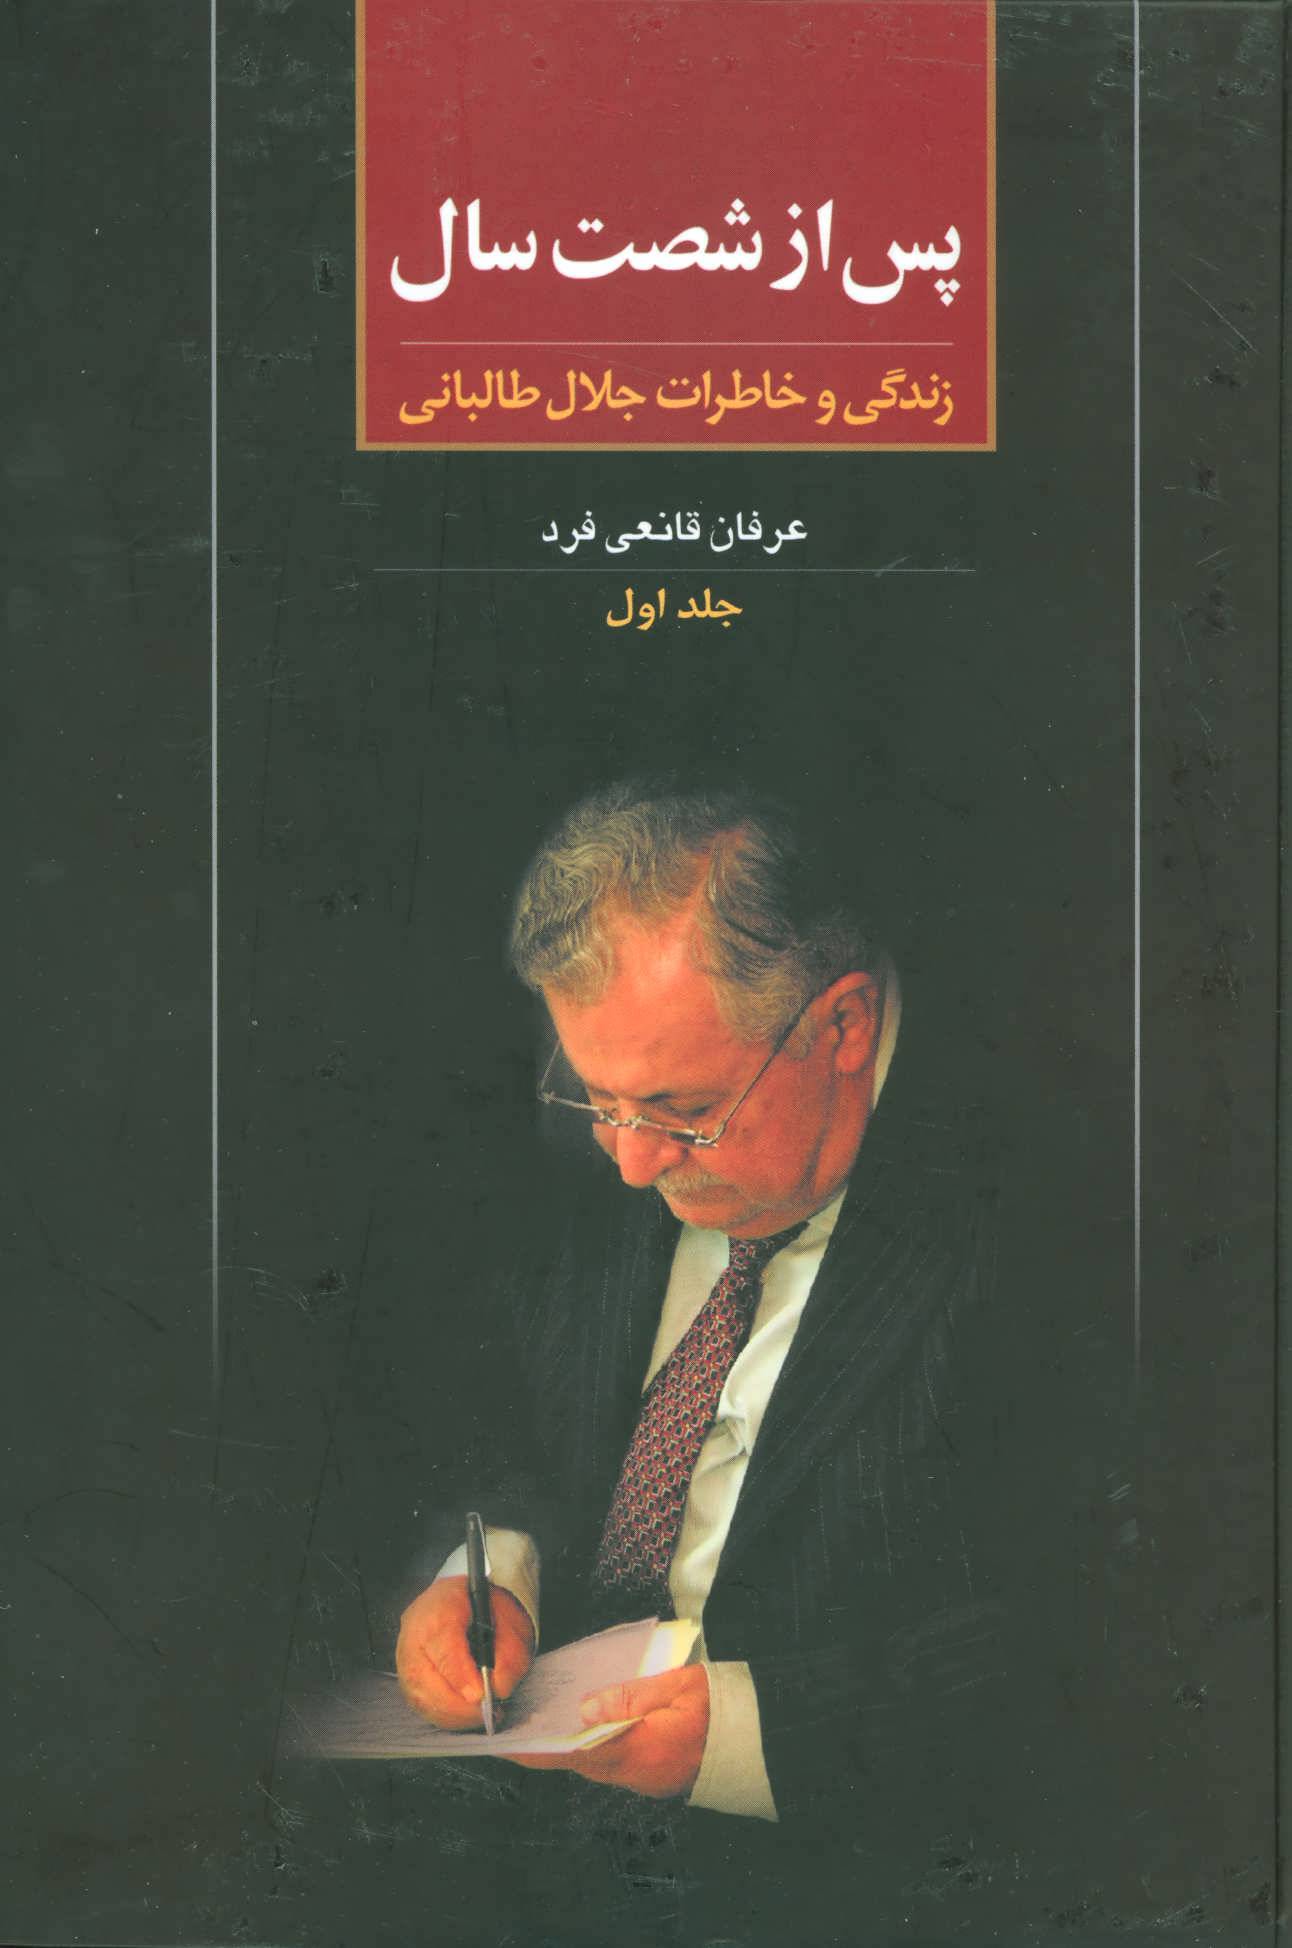 پس از شصت سال 1 (زندگی و خاطرات جلال طالبانی)